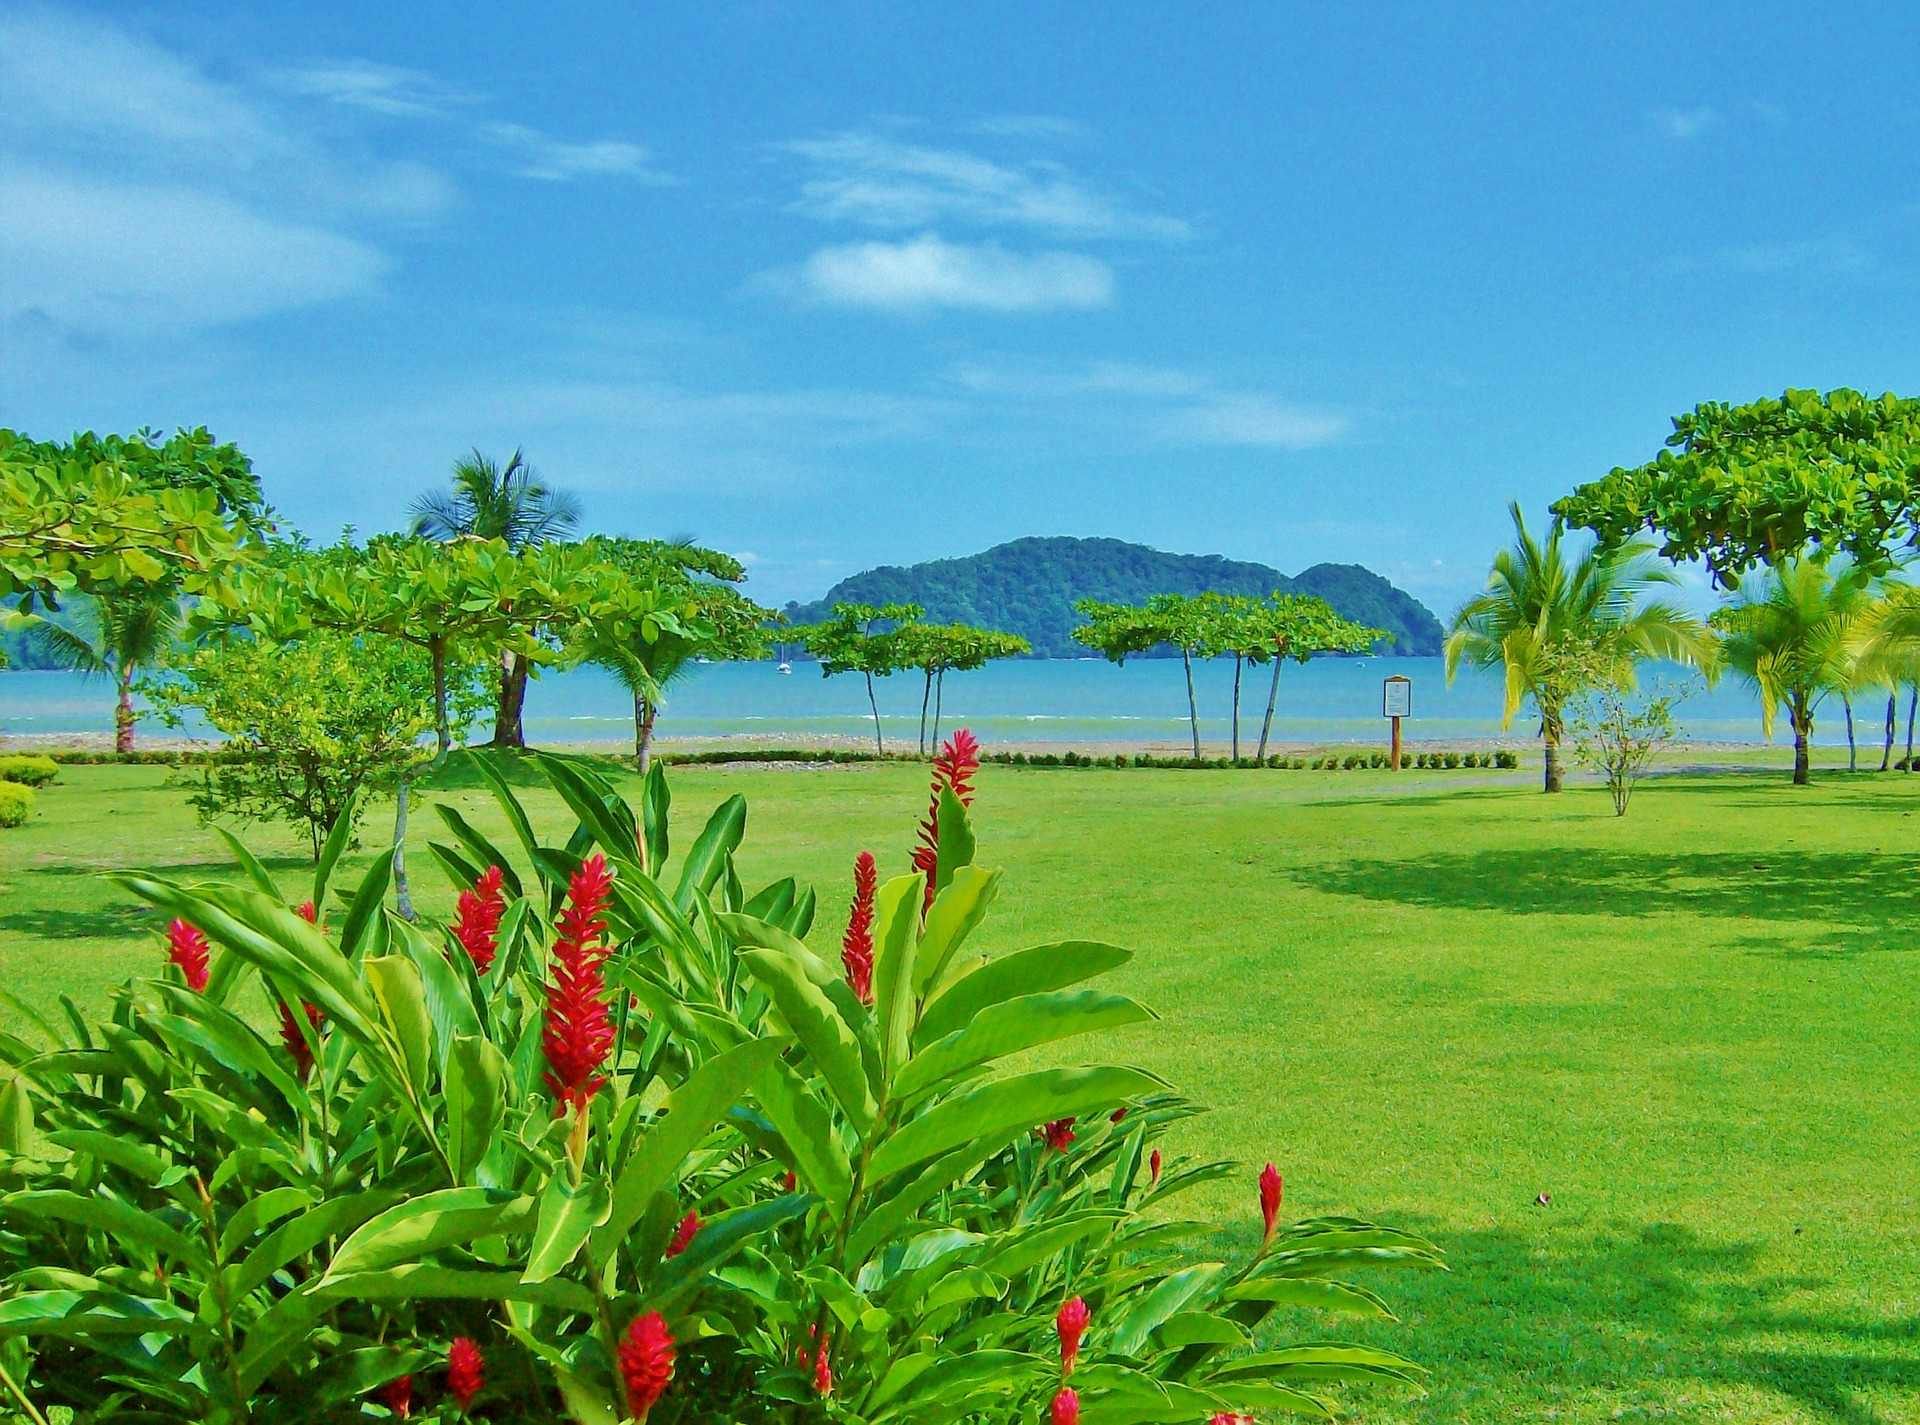 Costa Rica ein Reiseziel in Mittelamerika & geprägt von einer wundervollen Natur und Traumstränden